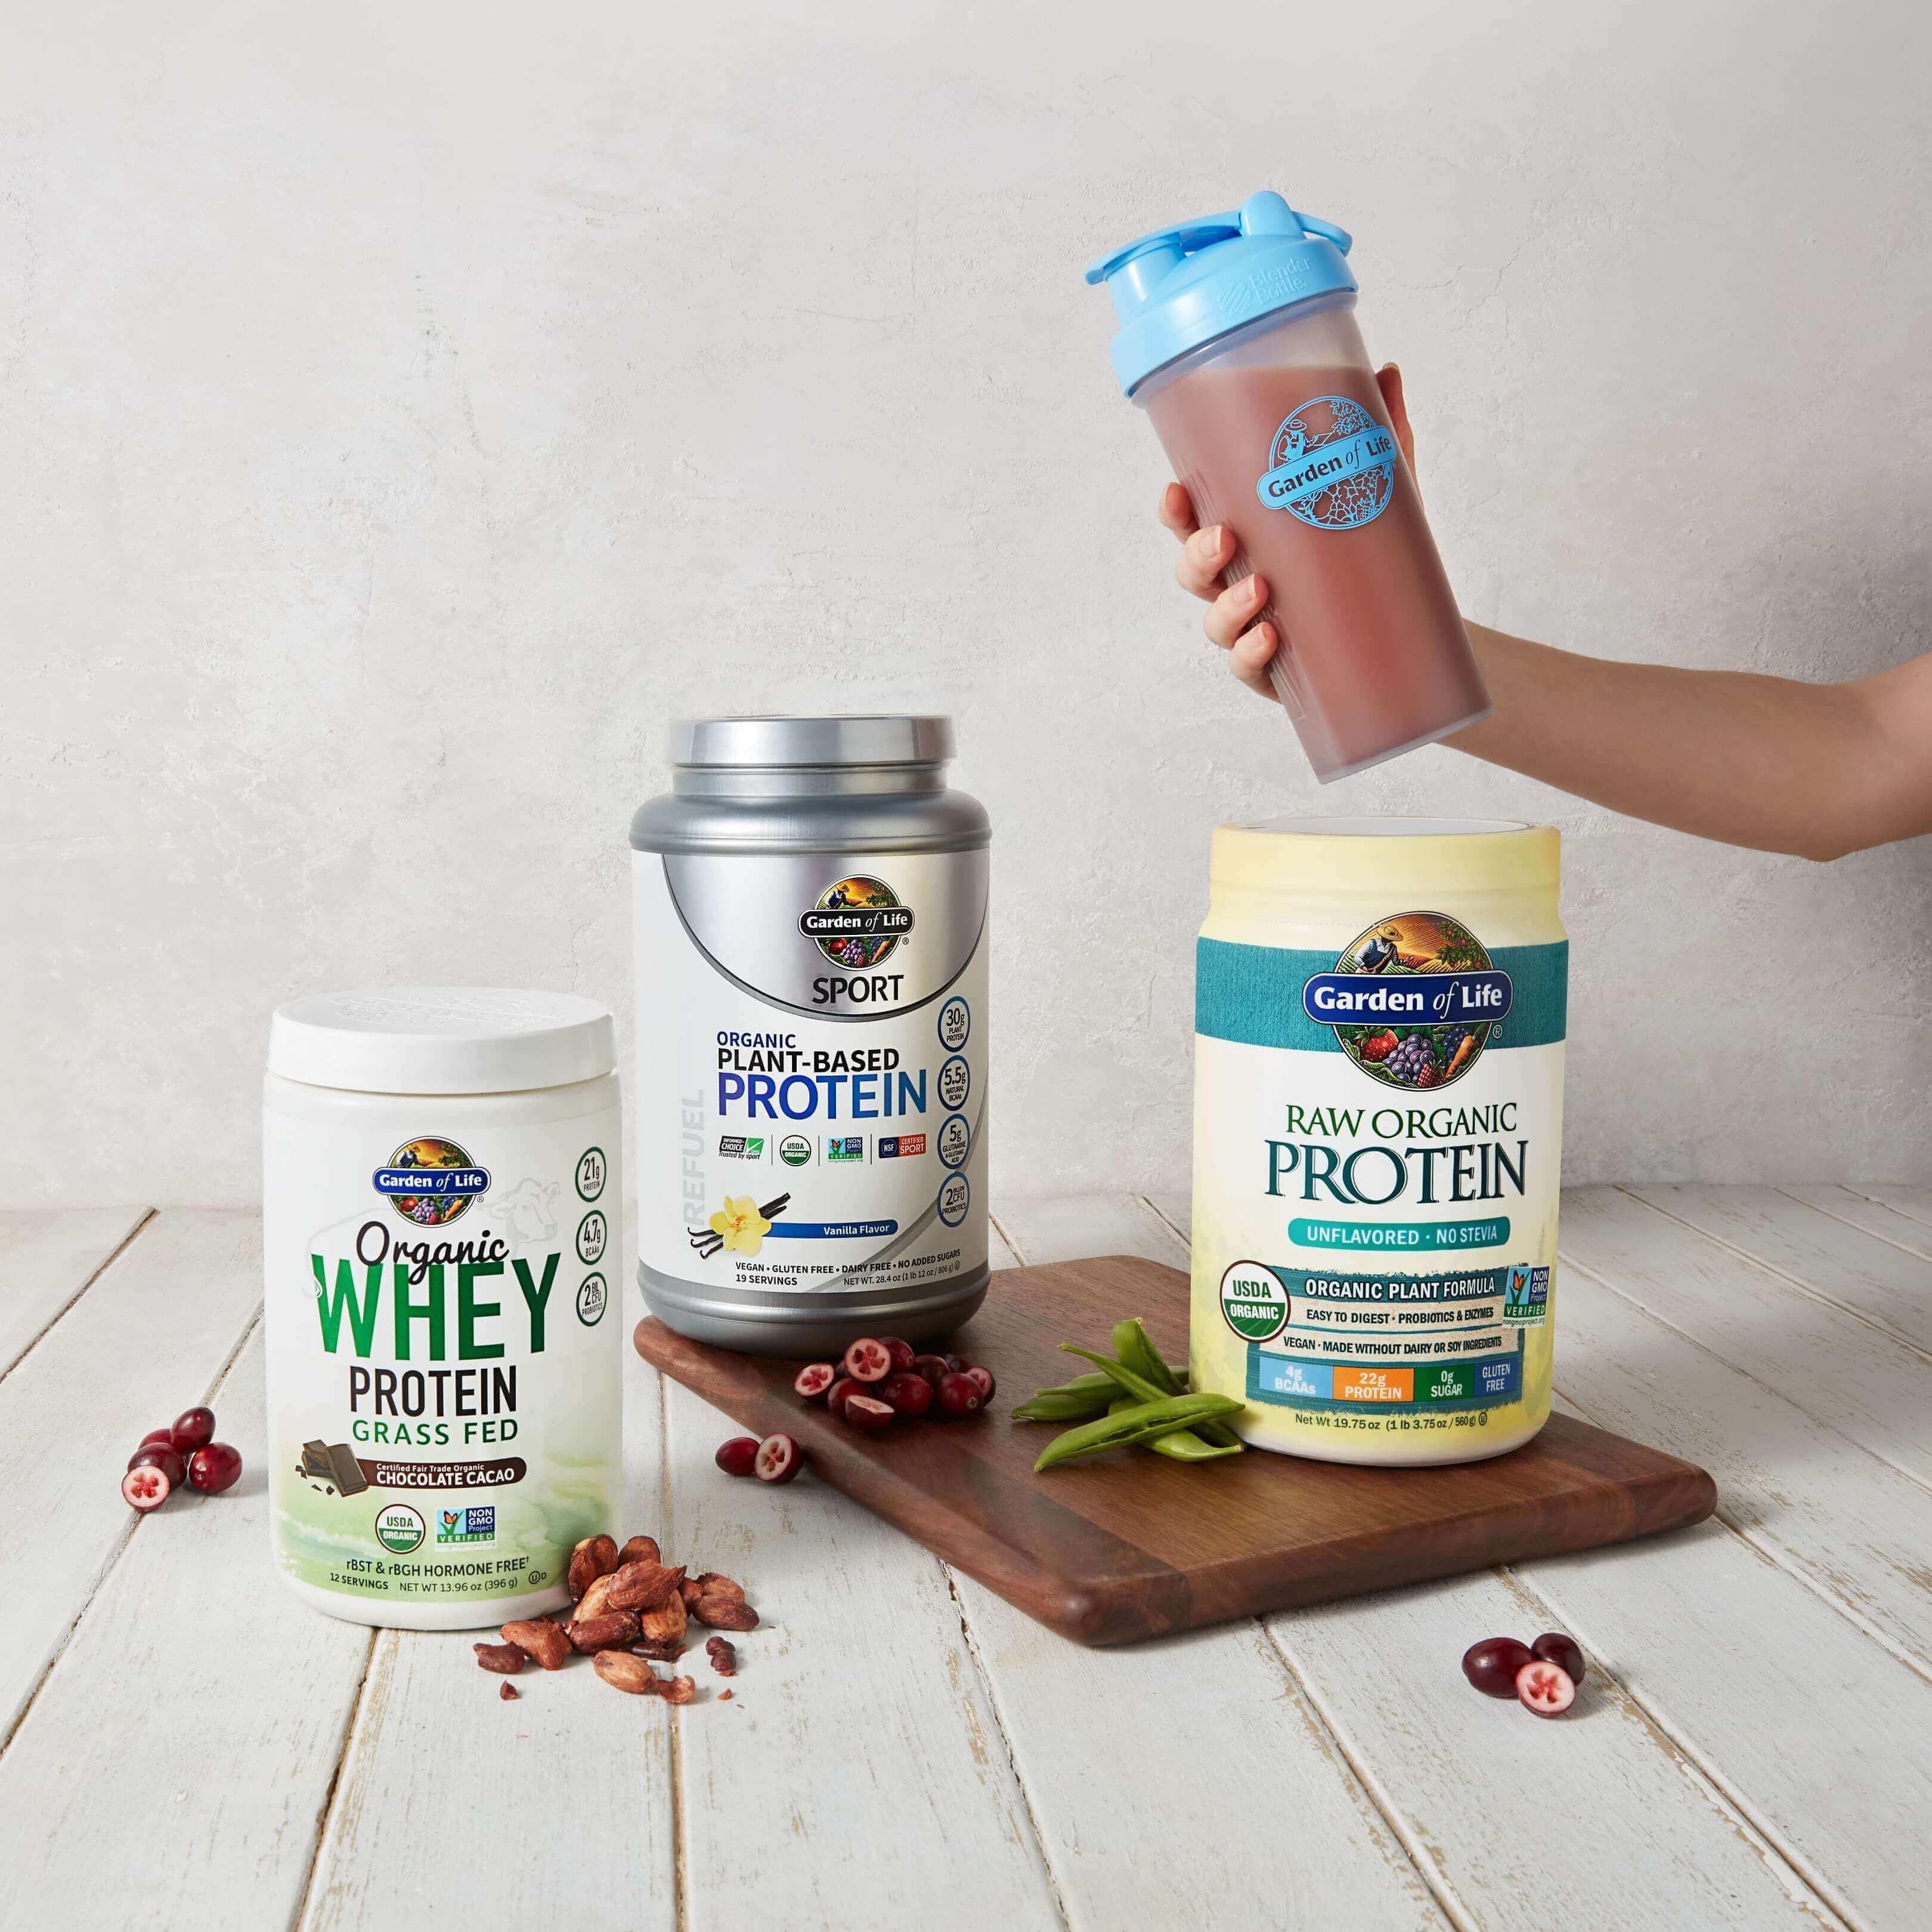 Proteine pure ricche di aminoacidi essenziali, perfette per mantenere la tua massa muscolare e uno stile di vita sano.